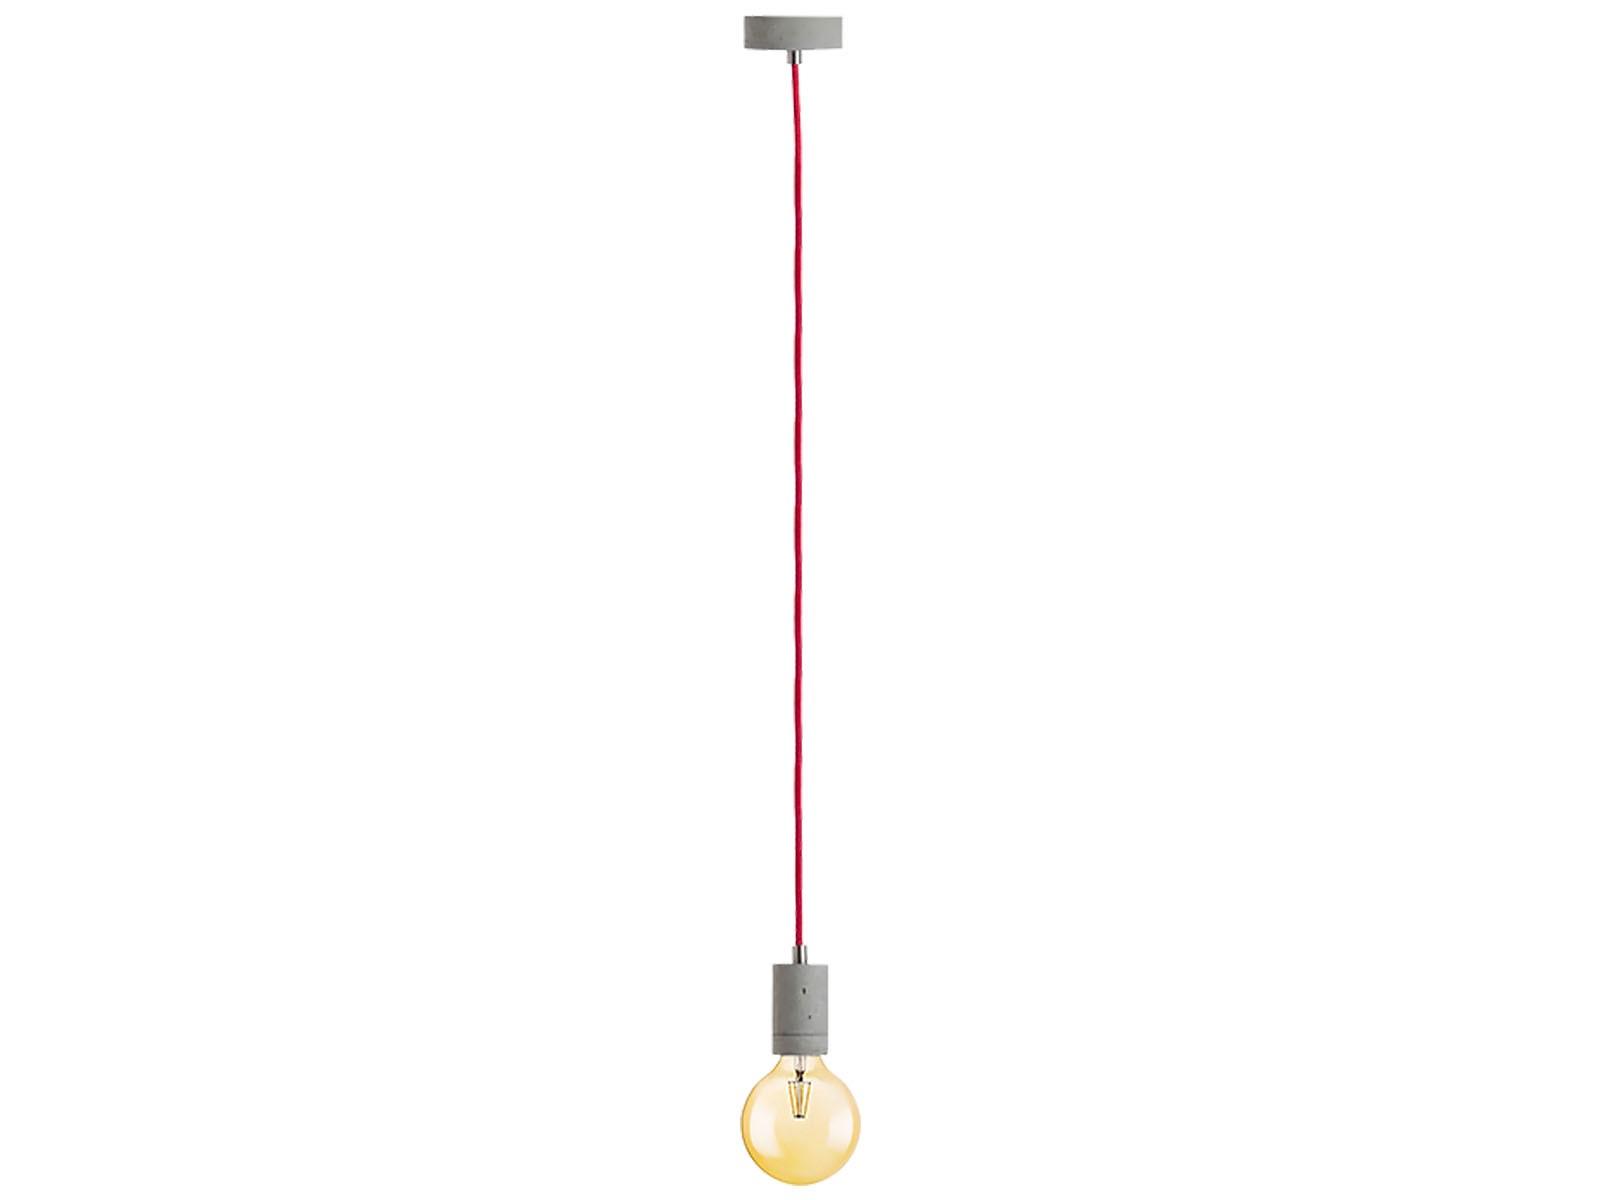 kalla beton pendelleuchte kabel rot 2 20m mit osram led vintage 1906 e27 globe 7w dimmbar. Black Bedroom Furniture Sets. Home Design Ideas